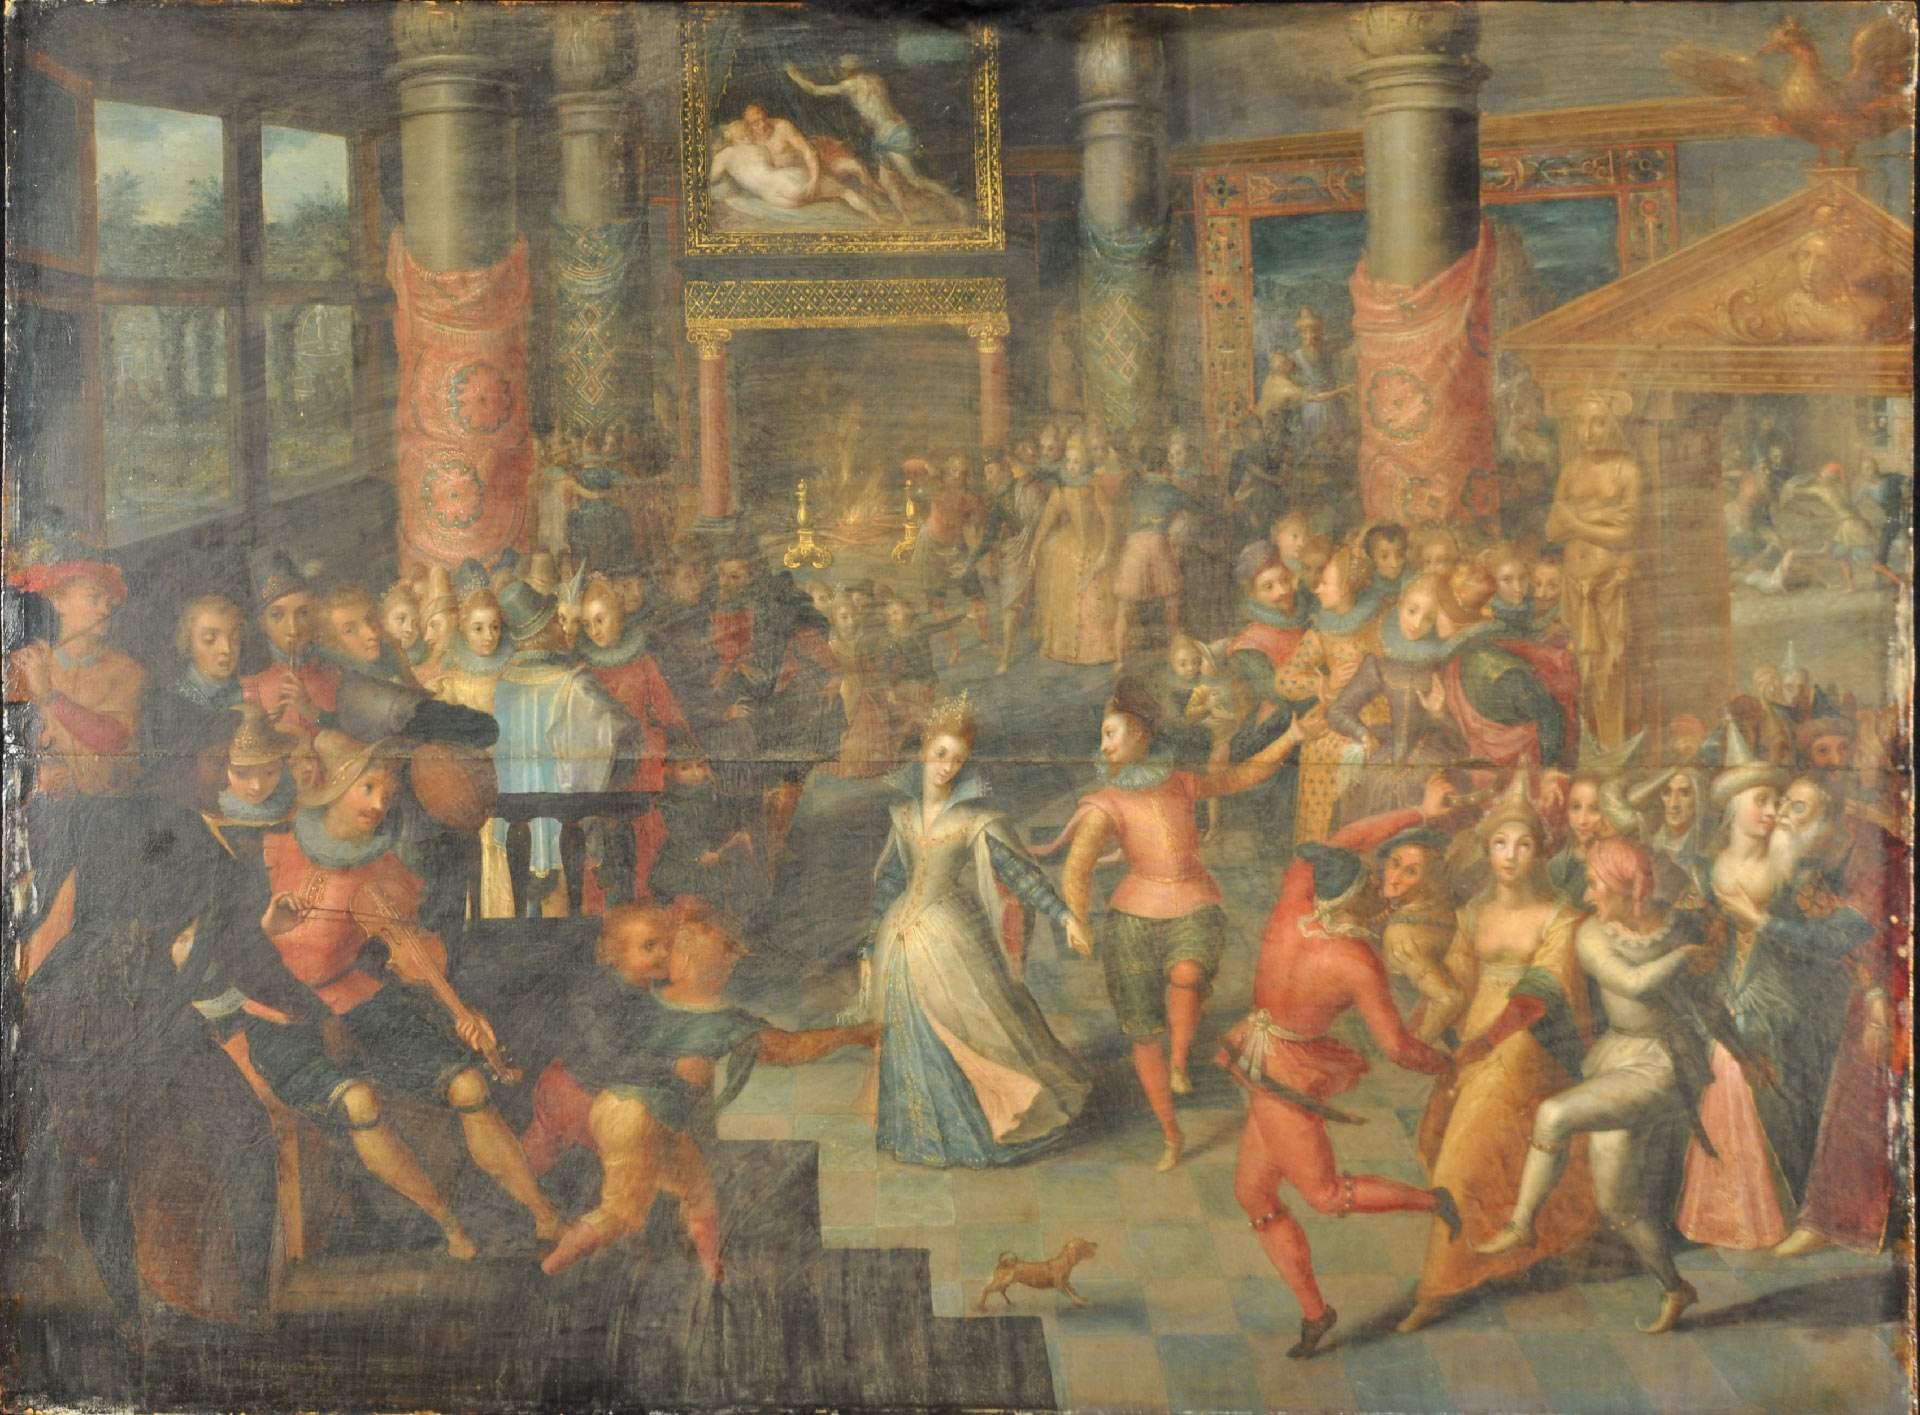 Marten Pepyn, *Carnival Scene*, 1604, tempera, oil and gold on wood, 50 x 67 cm. MMFA, Arthur M. Terroux Bequest.